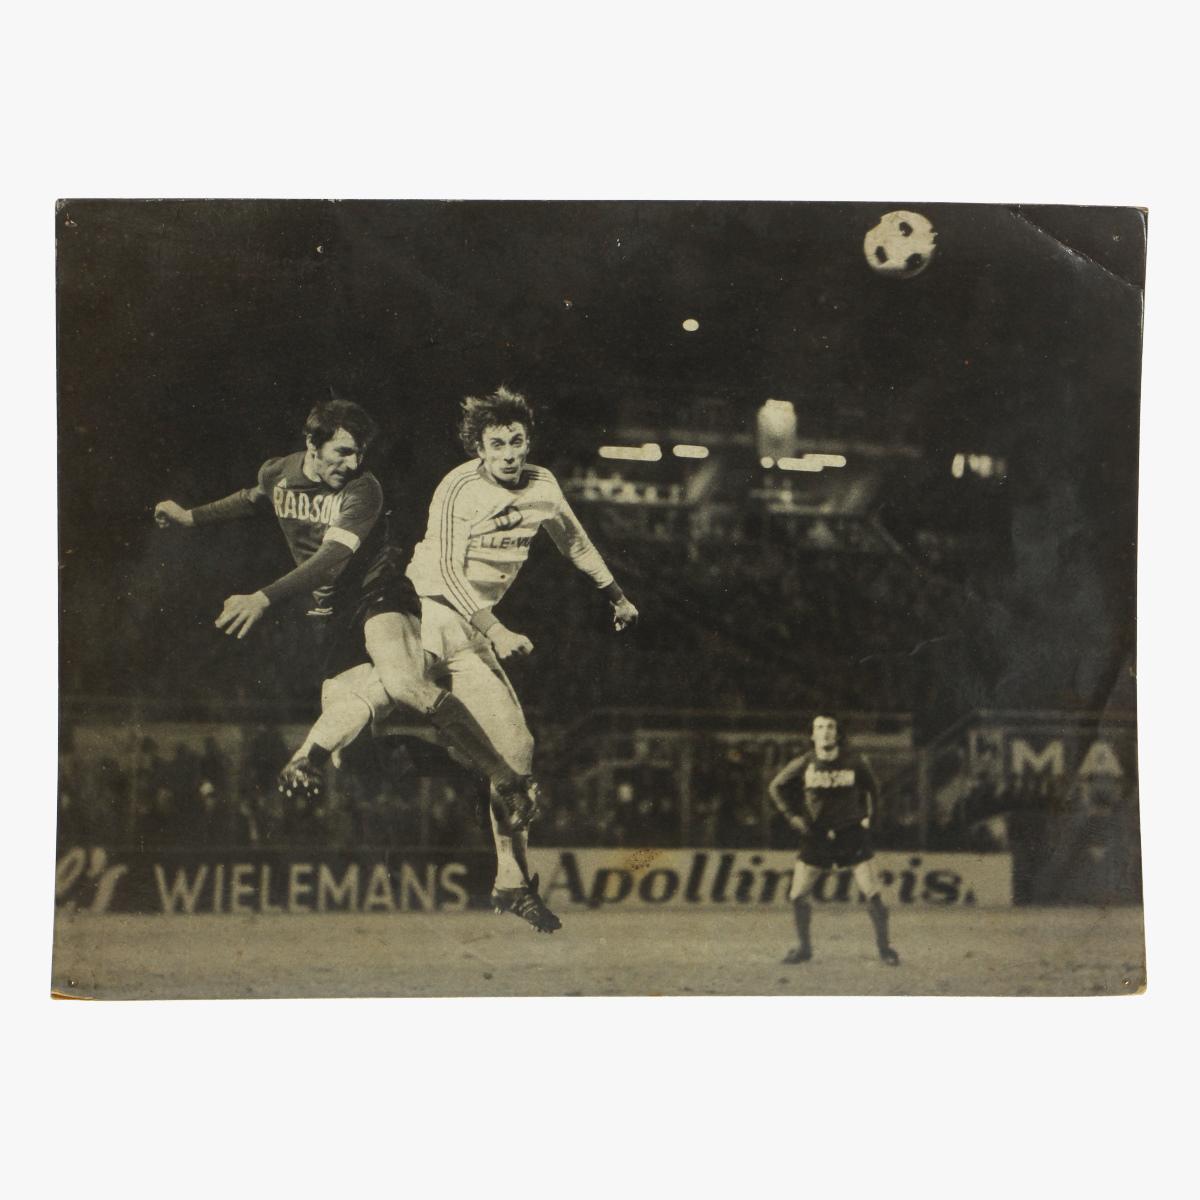 Afbeeldingen van originele foto voetbal anderlecht - beringen 1975